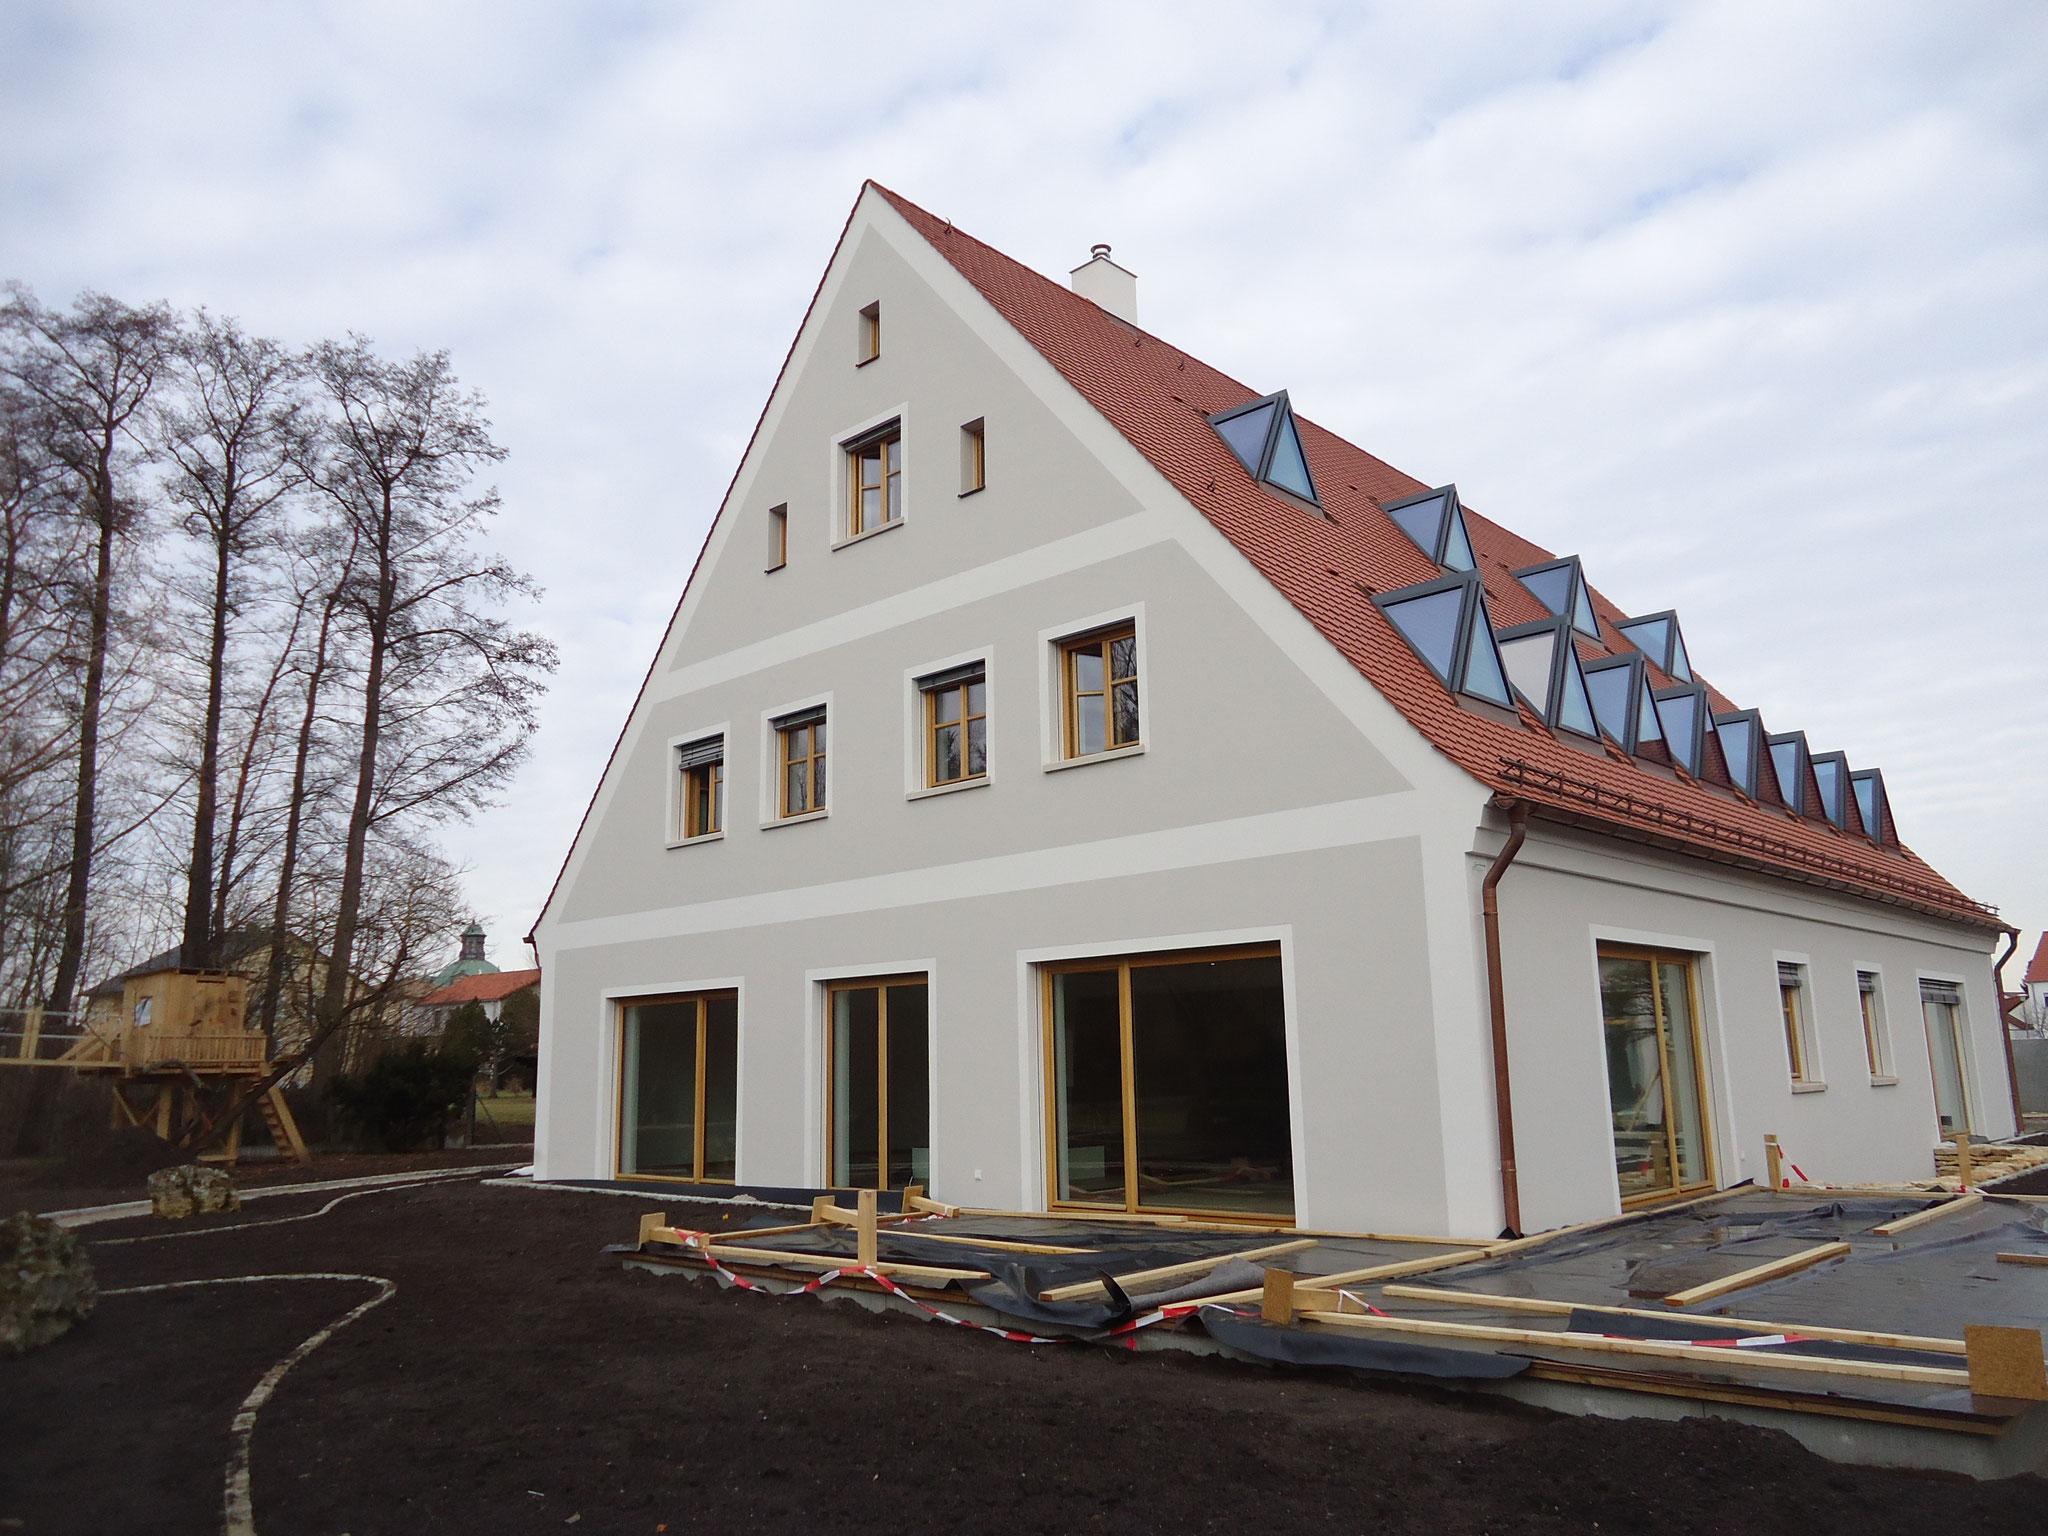 Wohnhau in Freystadt, Innen- und Außenputz 2017 , Lehmputz